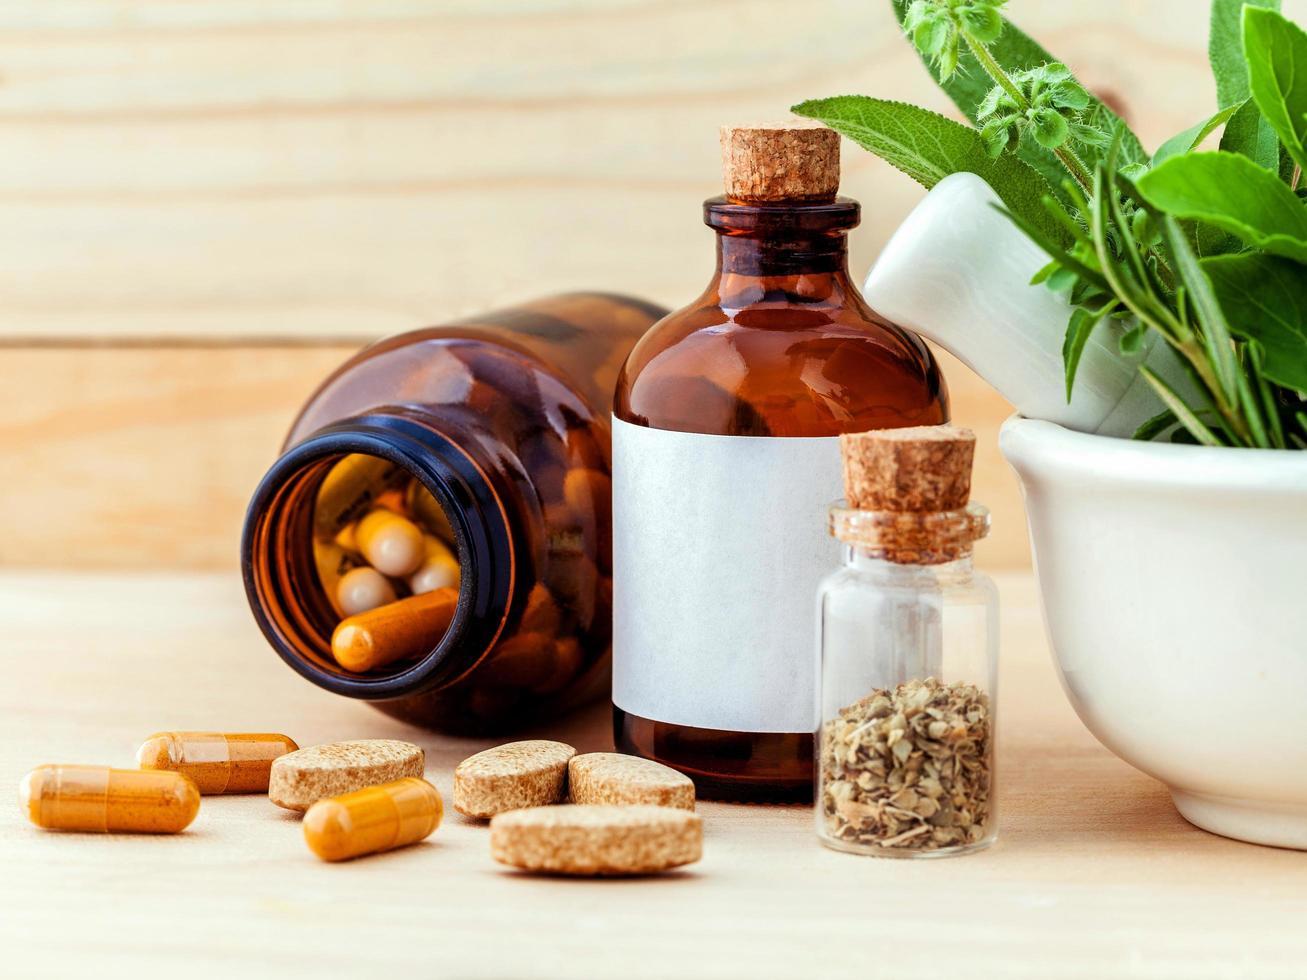 pastillas y semillas para medicina alternativa foto